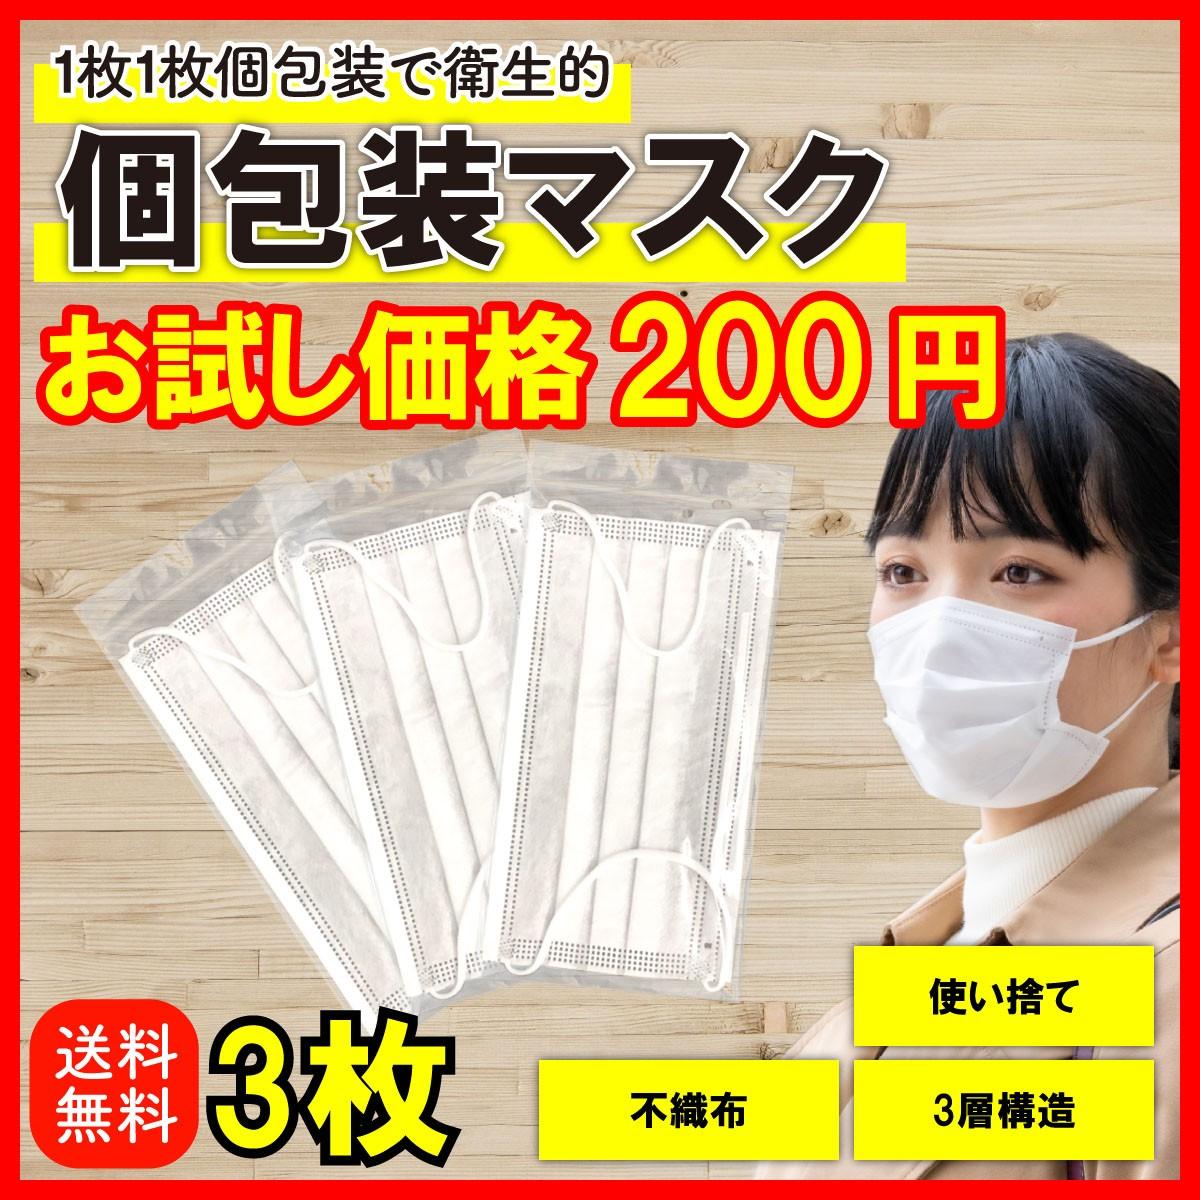 個包装 3枚 送料無料 不織布 使い捨て お試し価格 白色 1枚ずつ袋入り ...